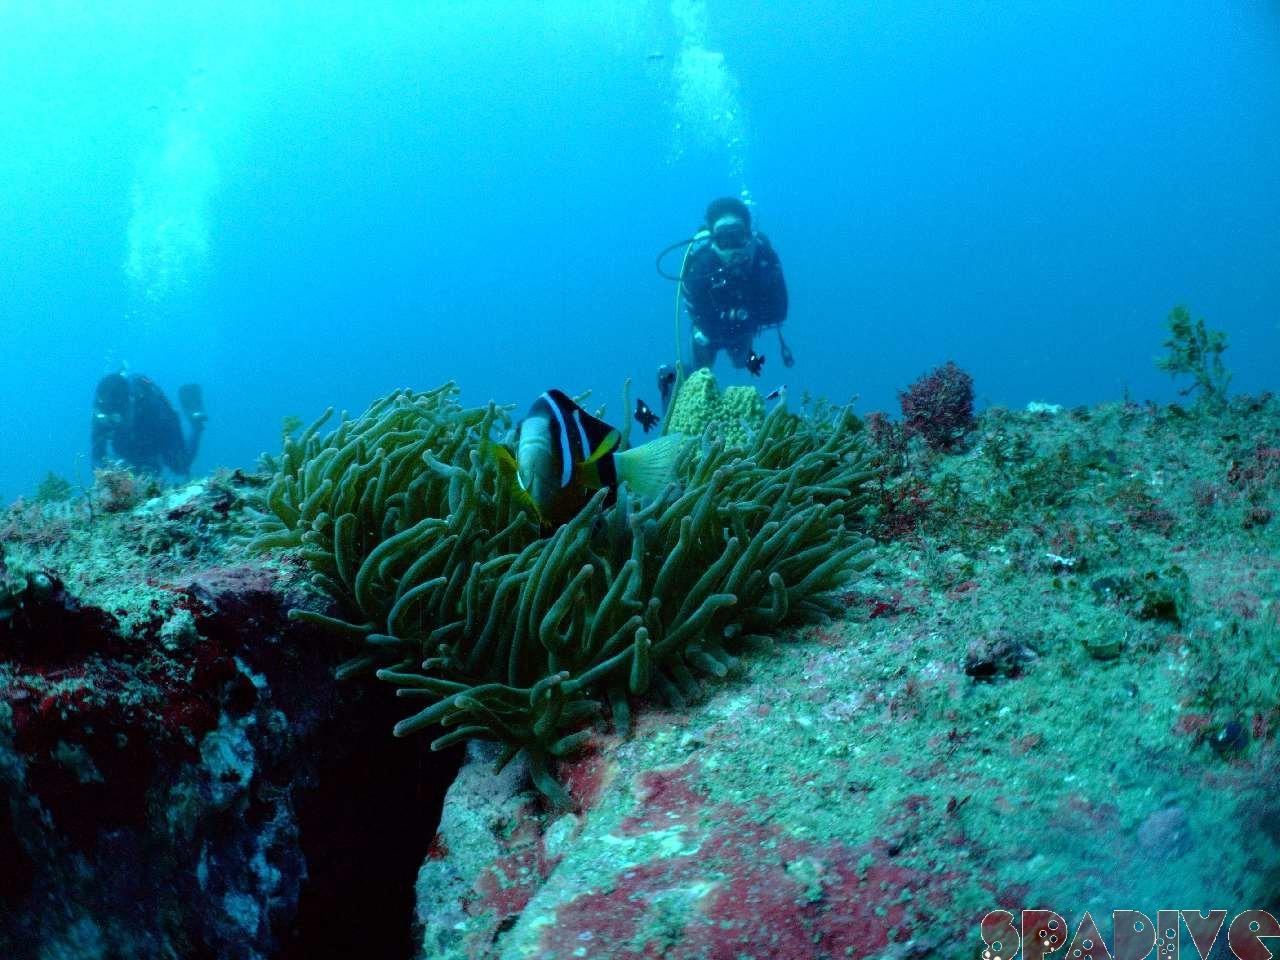 2008年11月撮影海フォトギャラリー|南紀白浜スパダイブ